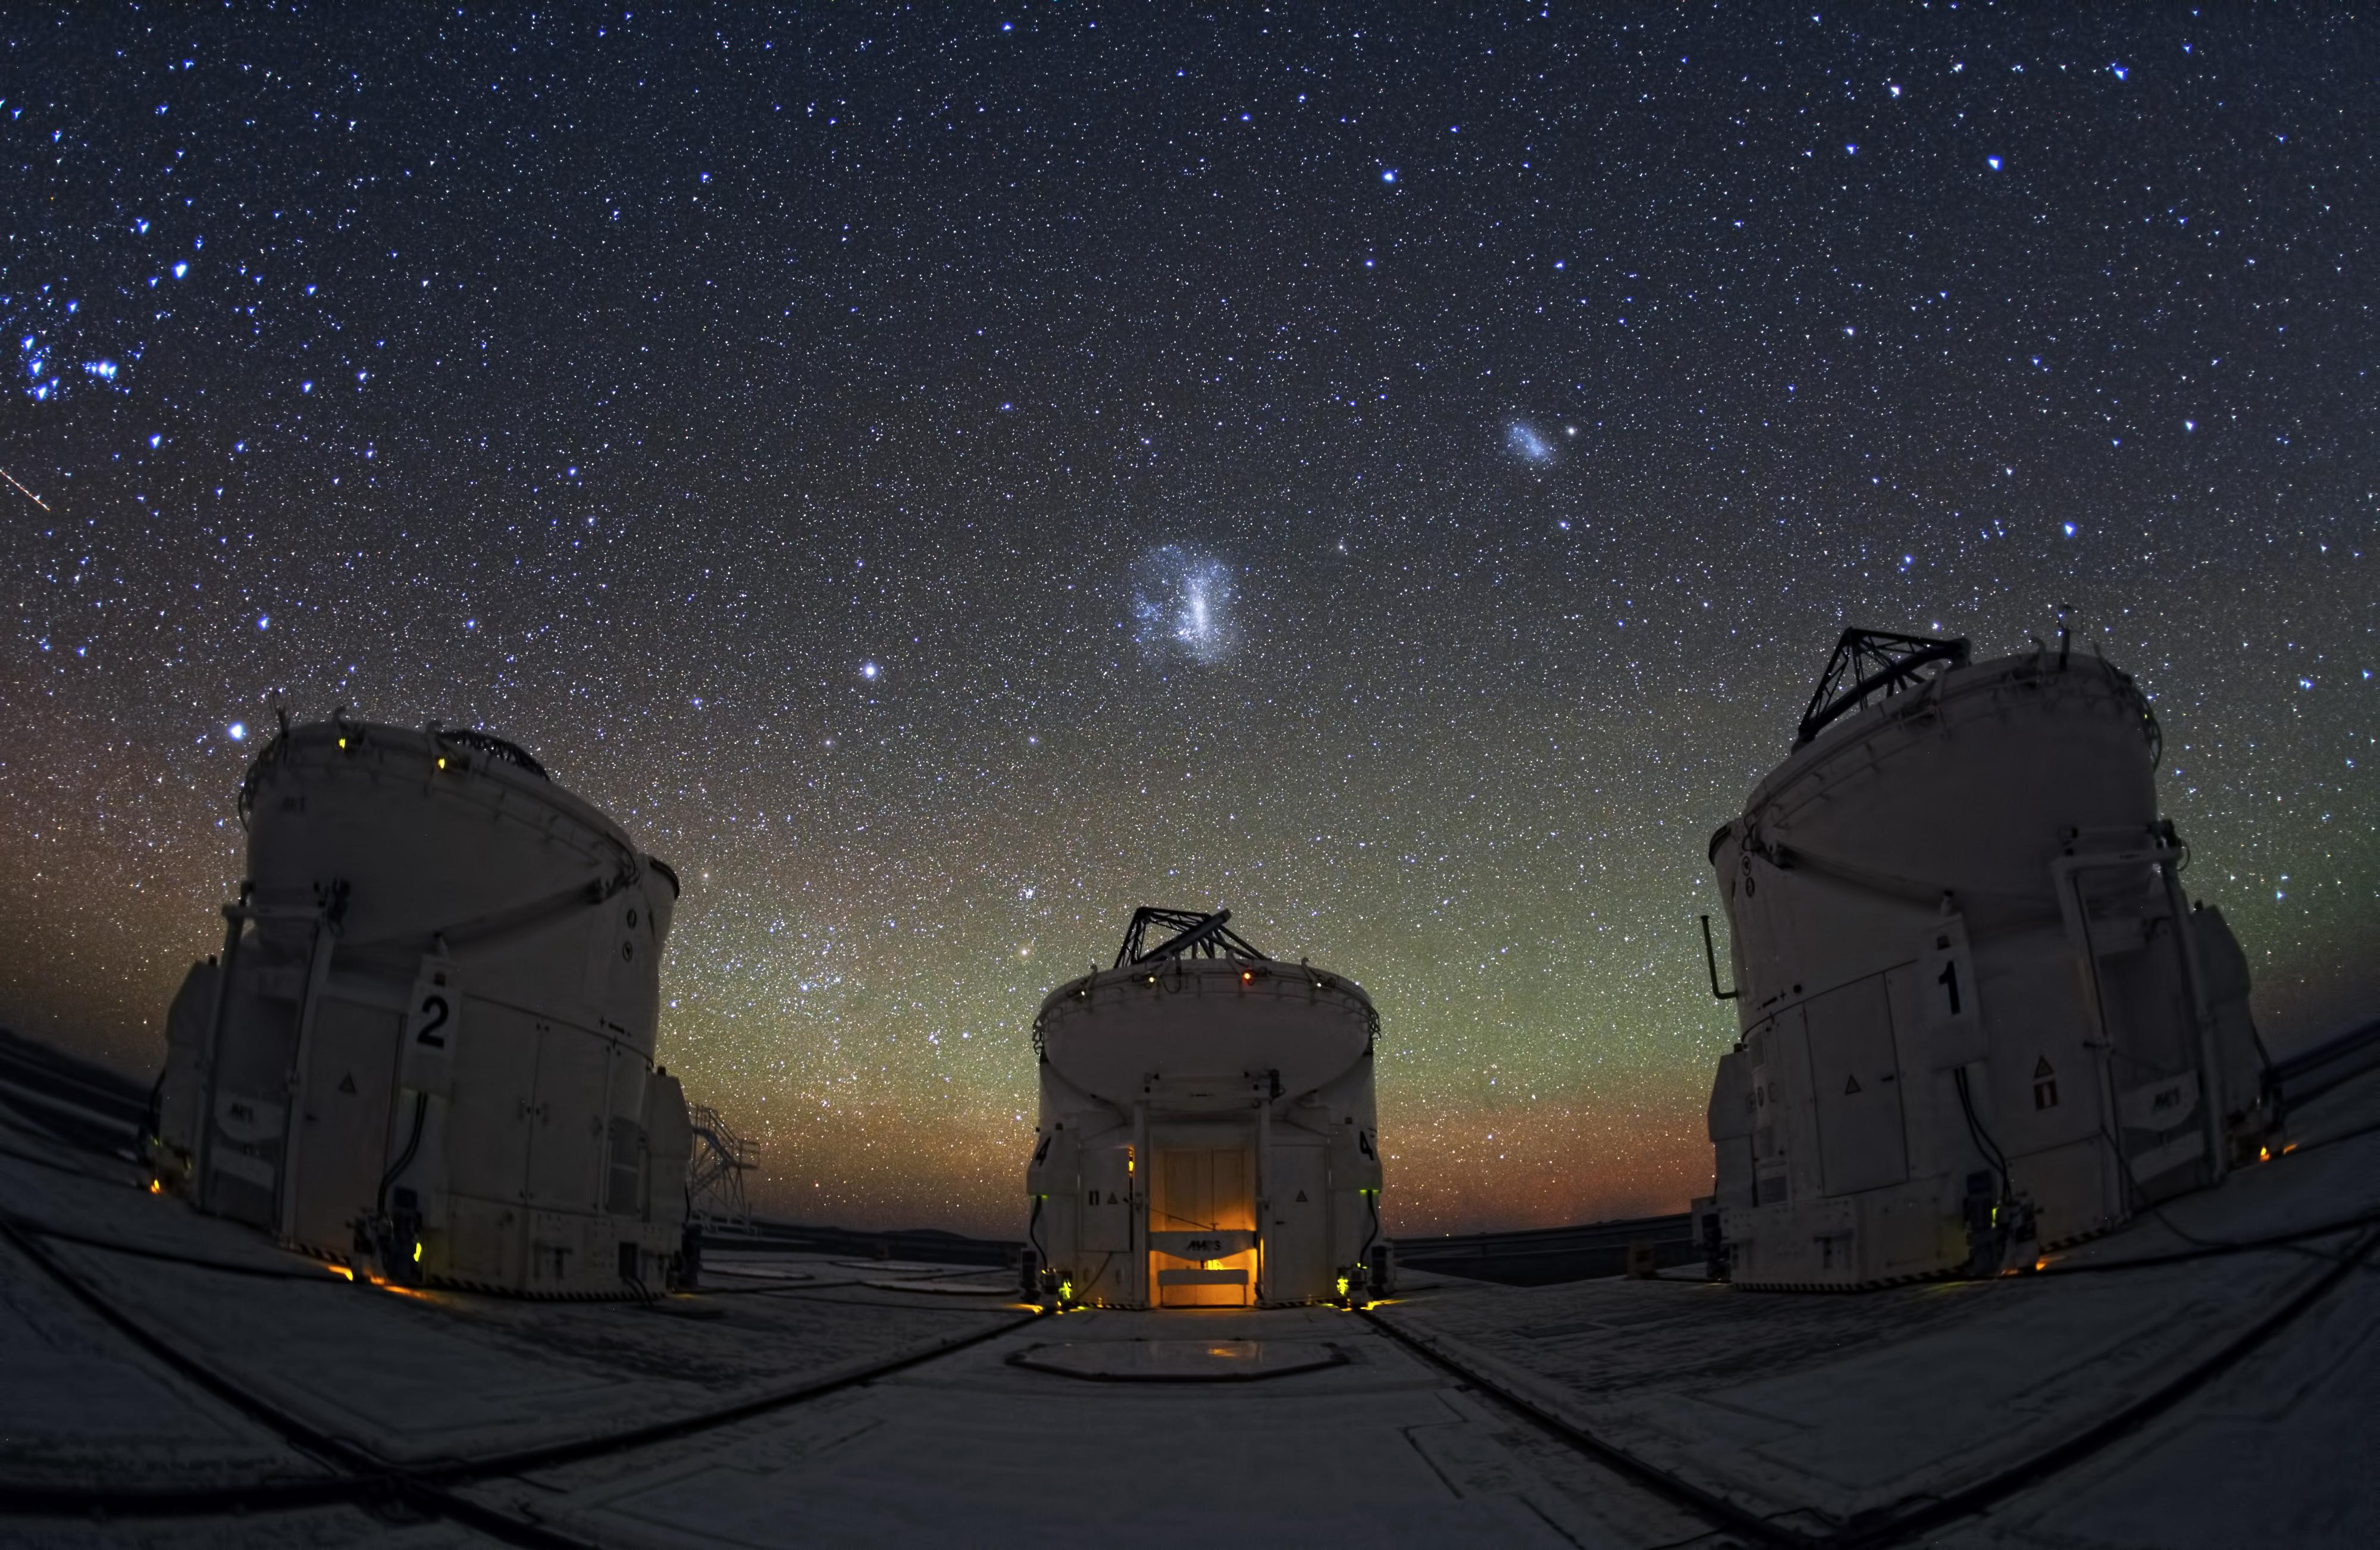 Der Milliarden-Sterne-Irrtum oder wozu Wissenschaftsjournalist*innen gut sind » RELATIV EINFACH » SciLogs - Wissenschaftsblogs